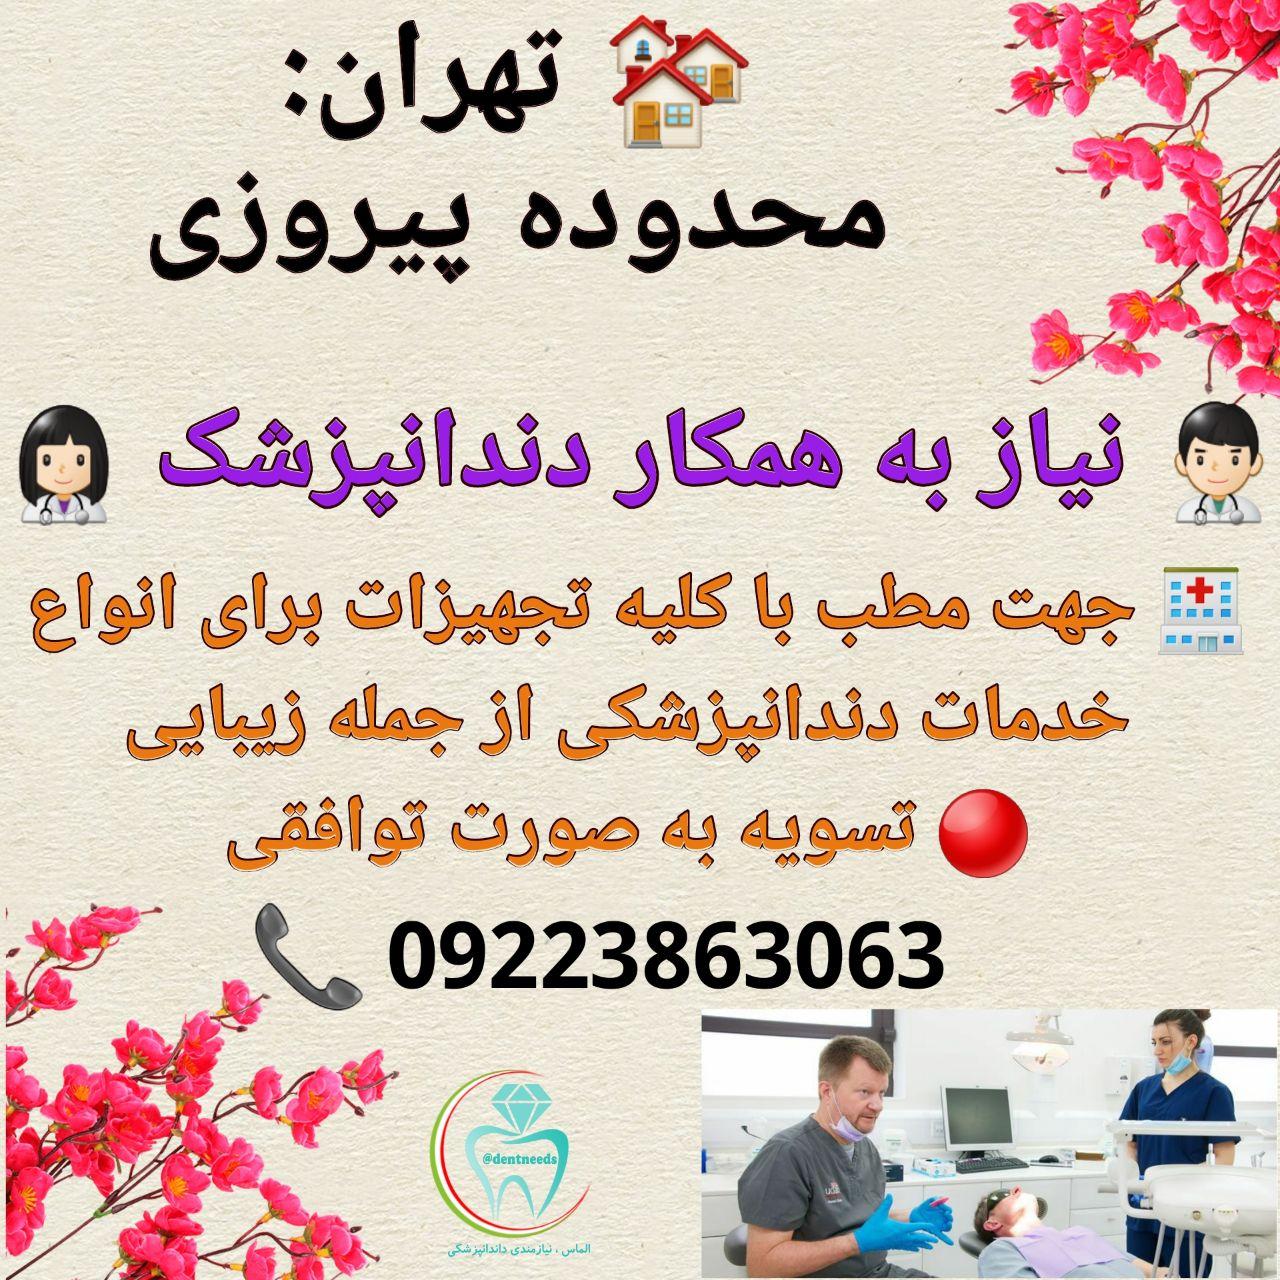 تهران: محدوده پیروزی، نیاز به همکار دندانپزشک